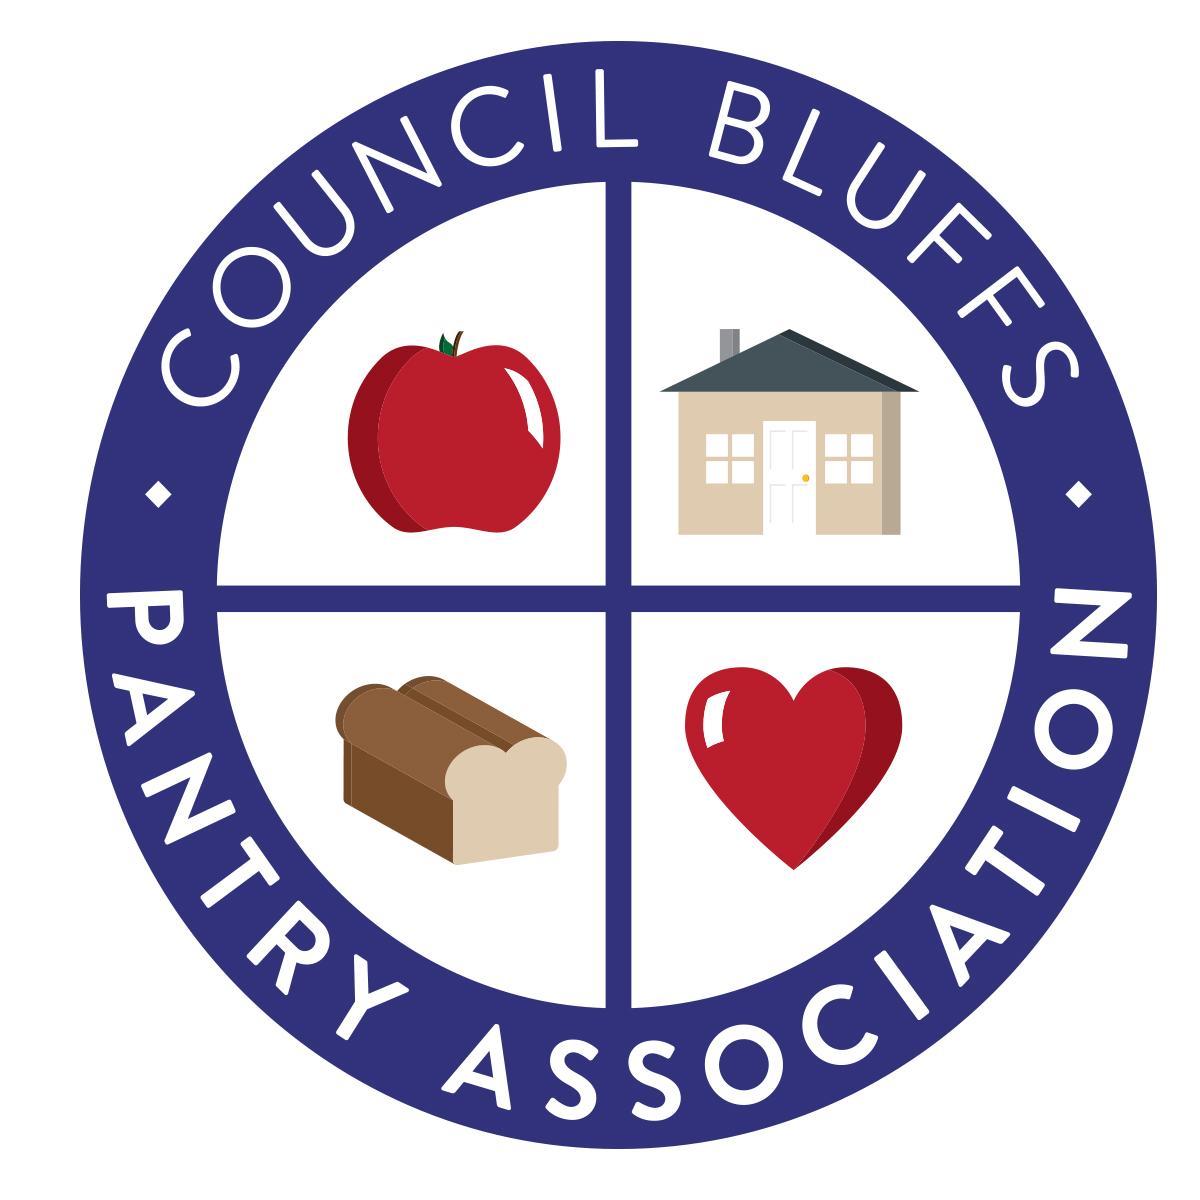 Council Bluffs Pantry Association.